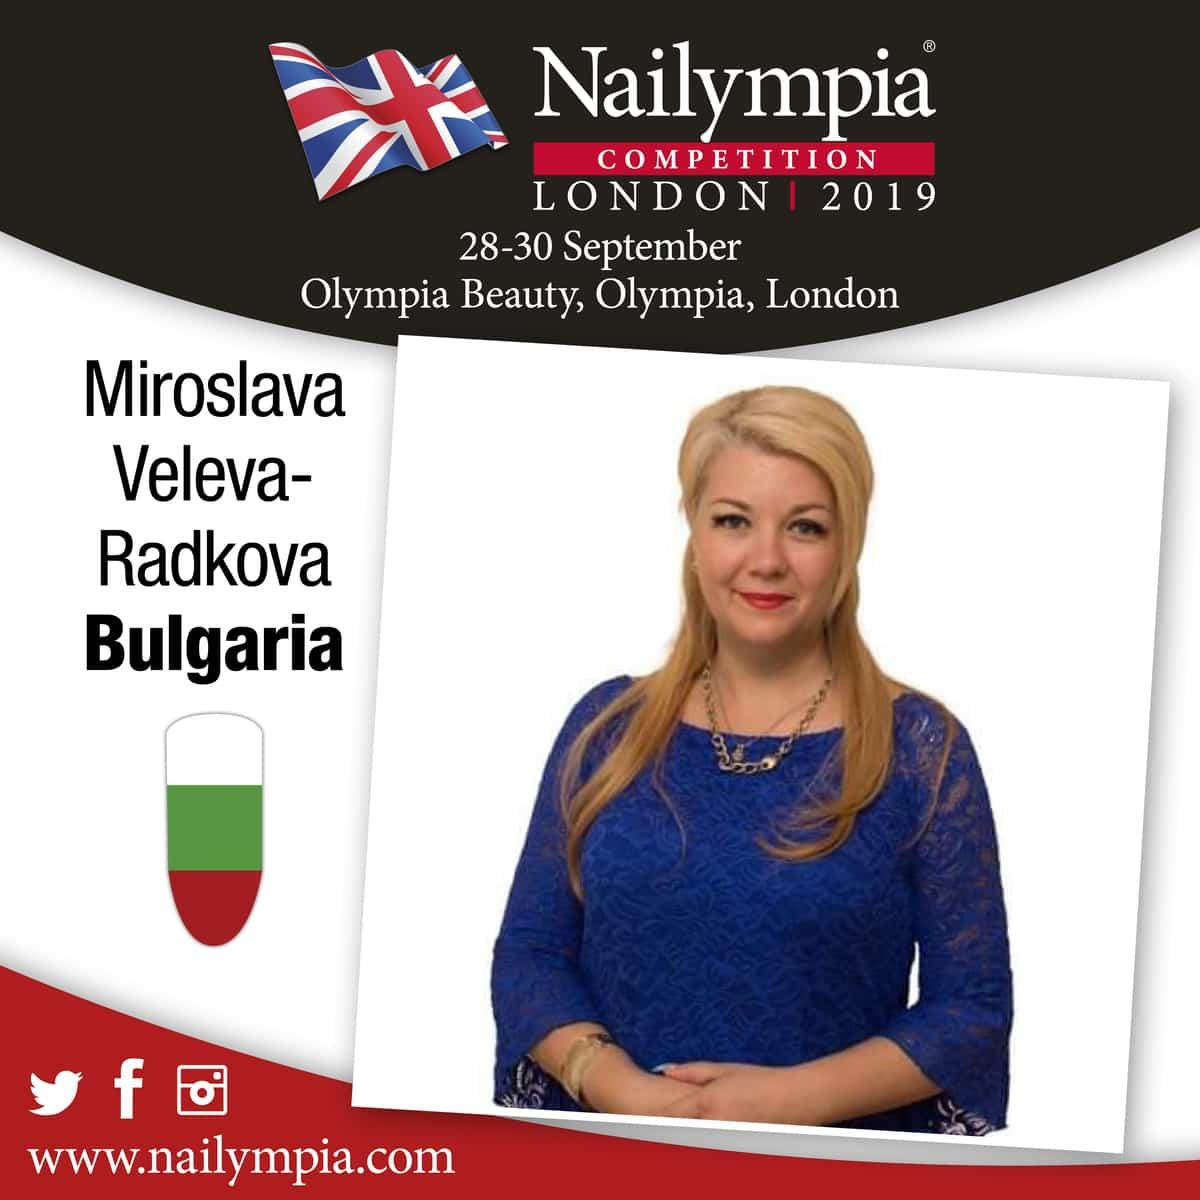 London 2019 Entry | Nailympia